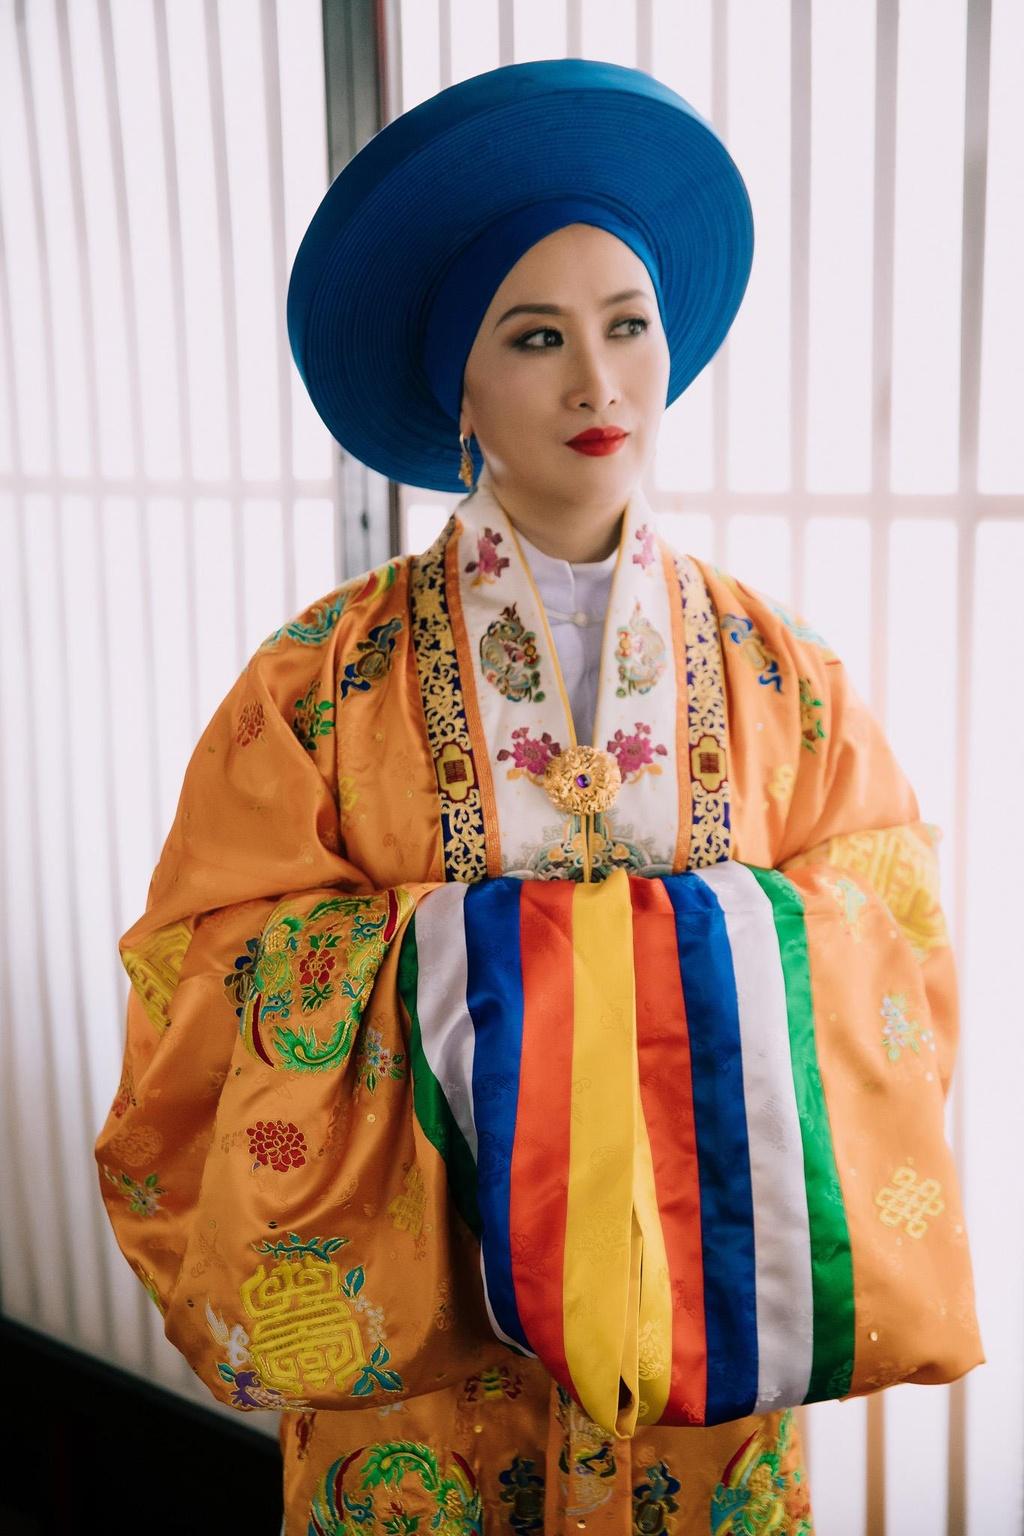 Hoa hau Diem Chau dam nhan vai phi tan cua Hoang de Thieu Tri hinh anh 4 image009.jpg